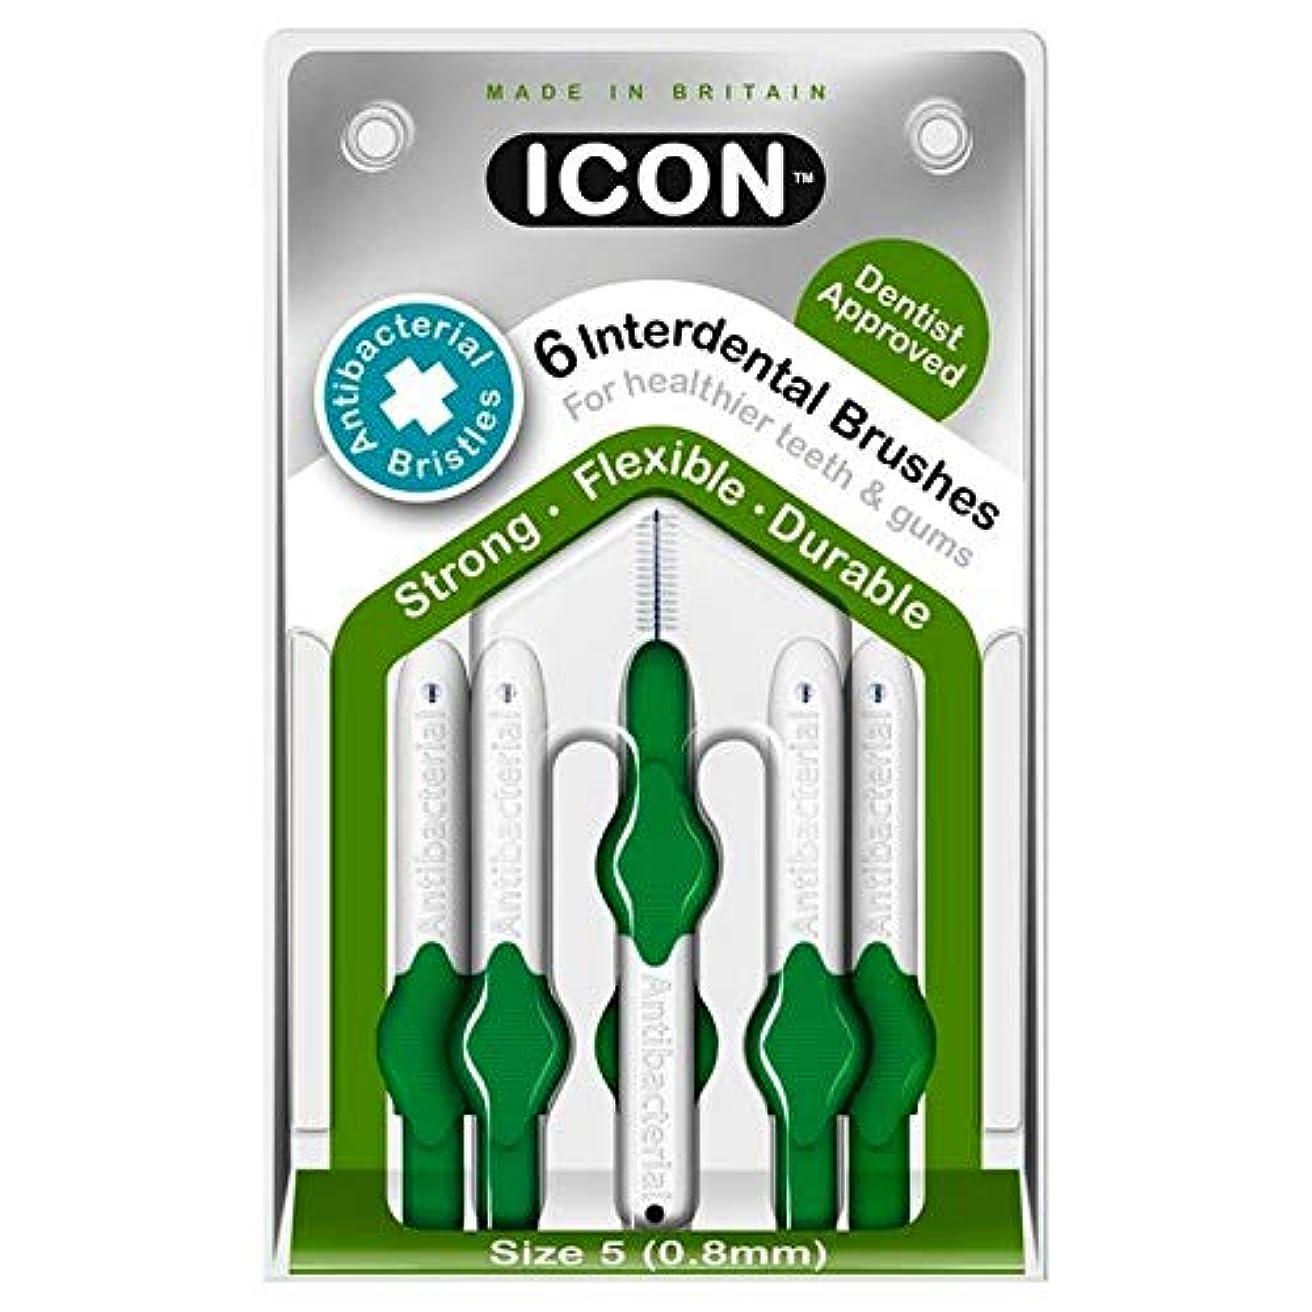 動詞ボトルバスルーム[Icon ] アイコンの歯間には、パックあたり0.8ミリメートル6ブラシ - Icon Interdental Brushes 0.8mm 6 per pack [並行輸入品]